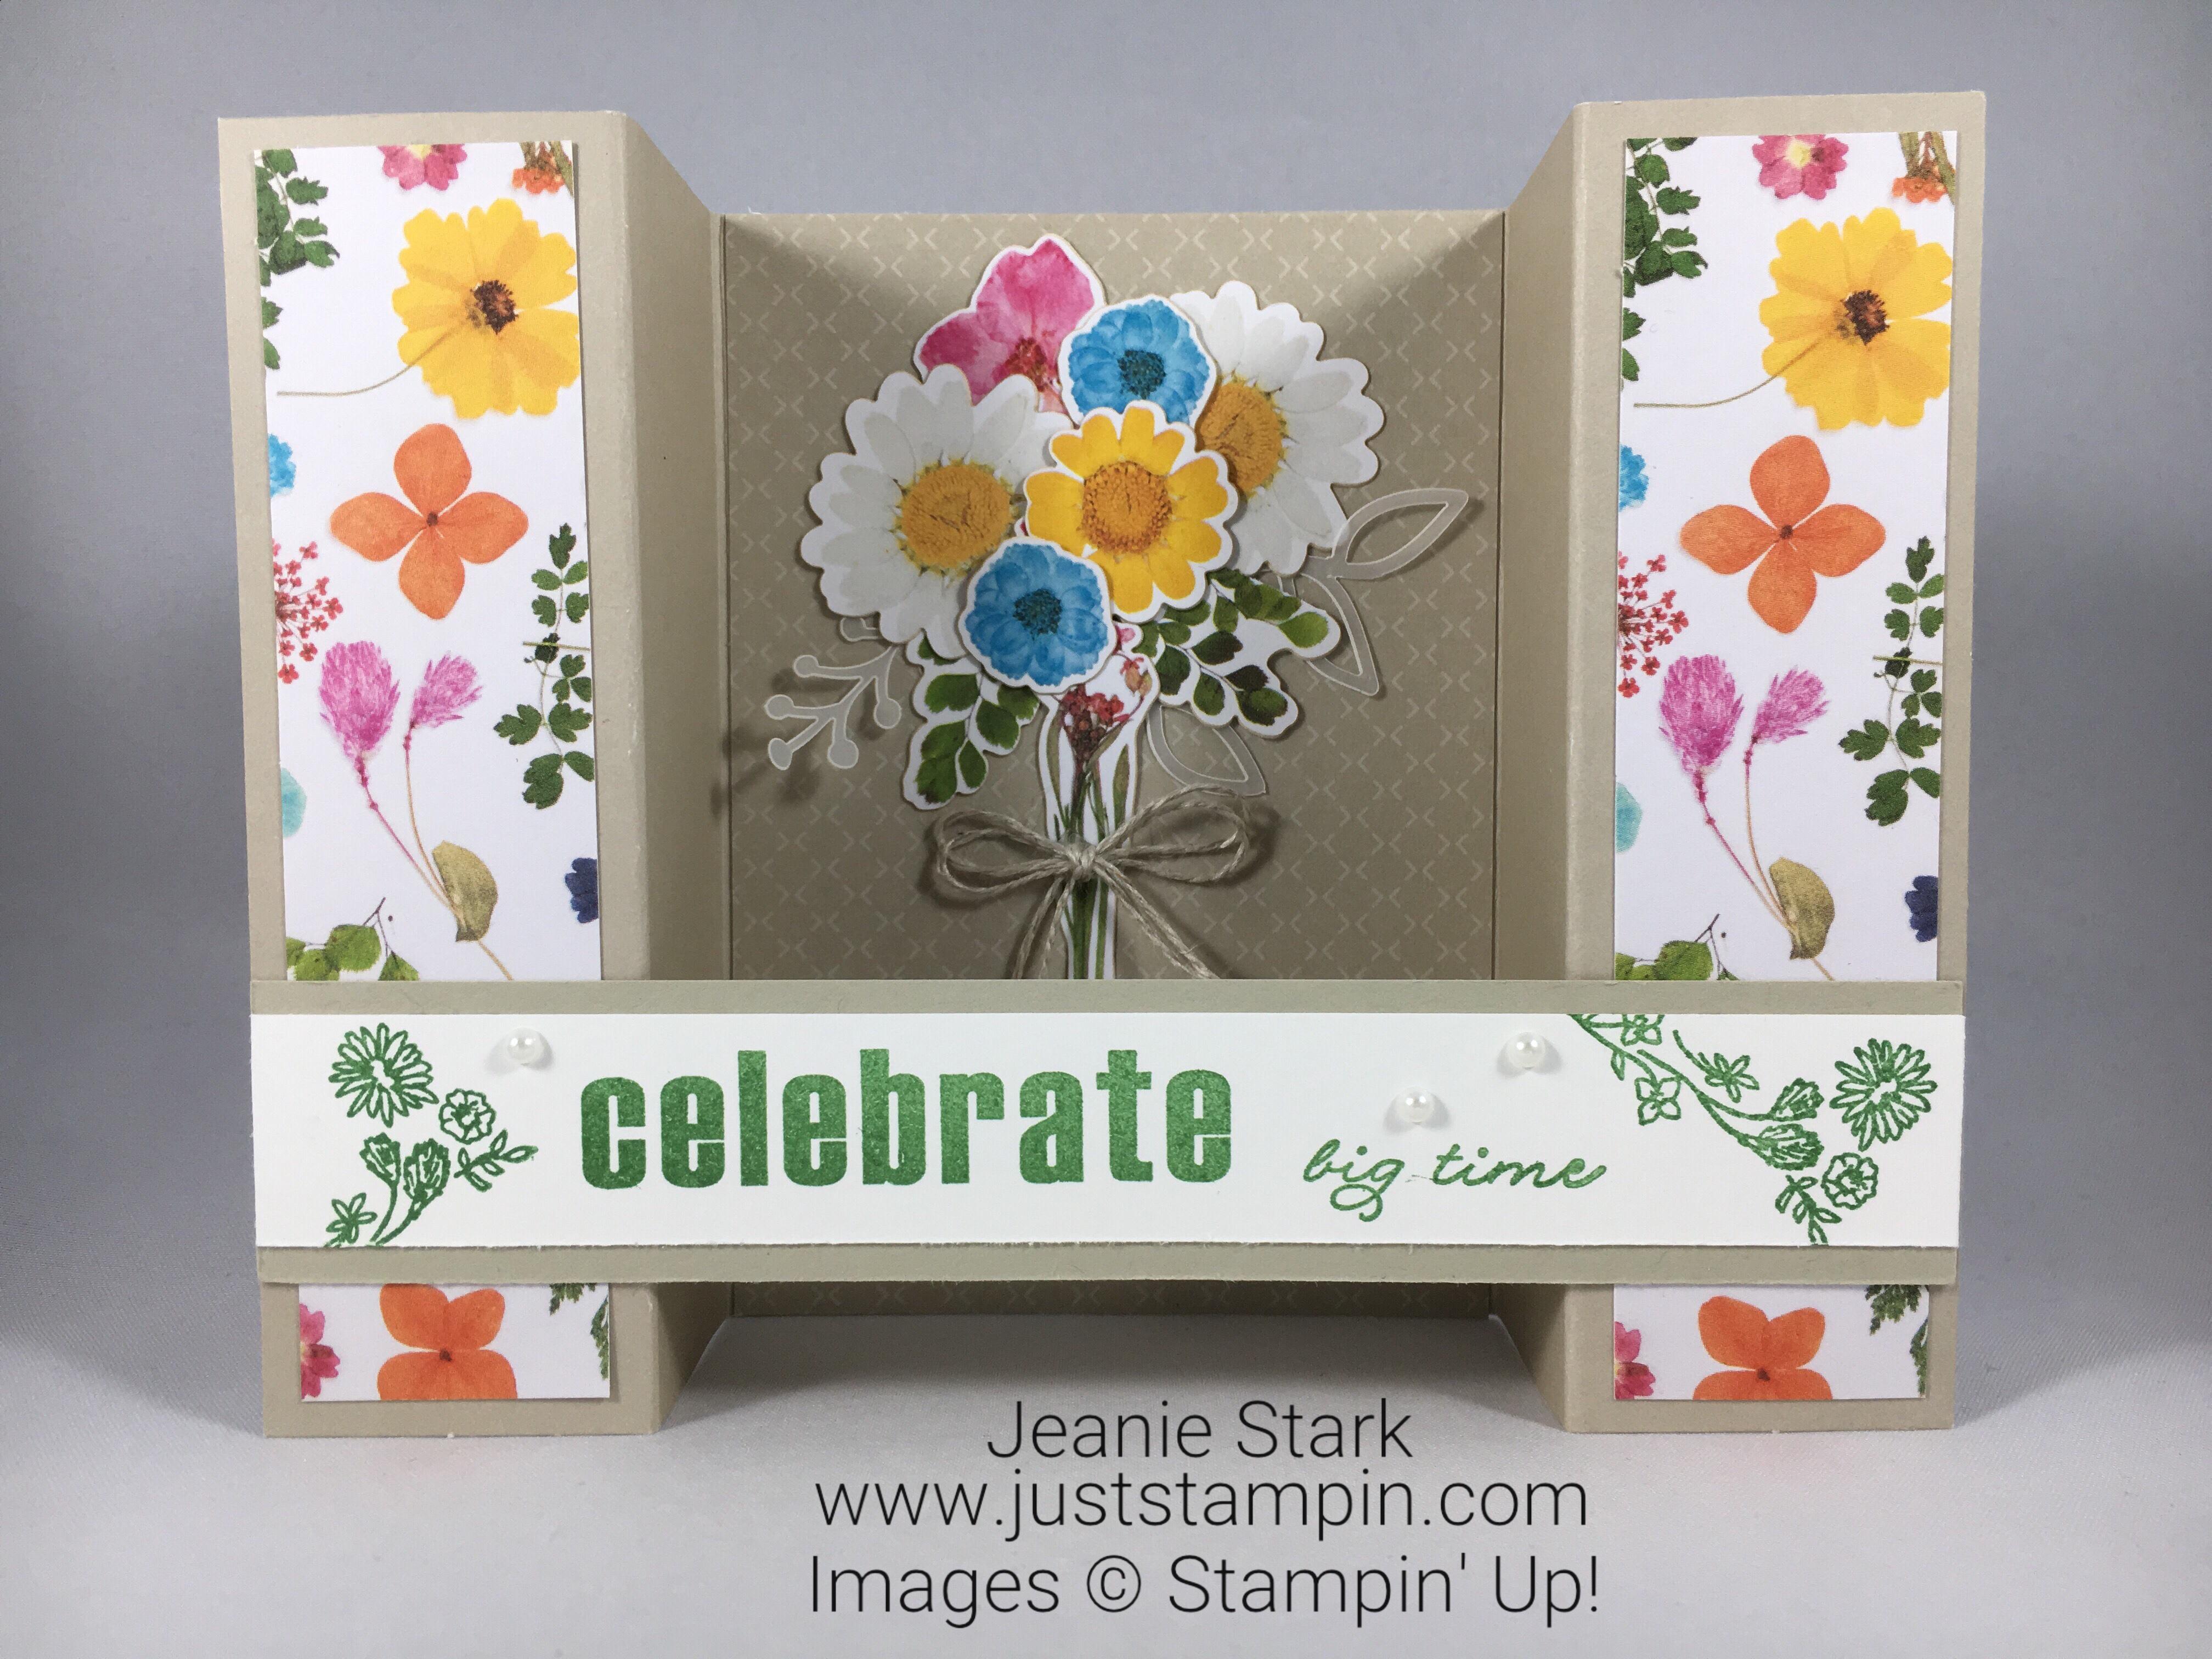 Paper Pumpkin Wildflower Wishes fun fold alternate celebrate card idea - Jeanie Stark StampinUp